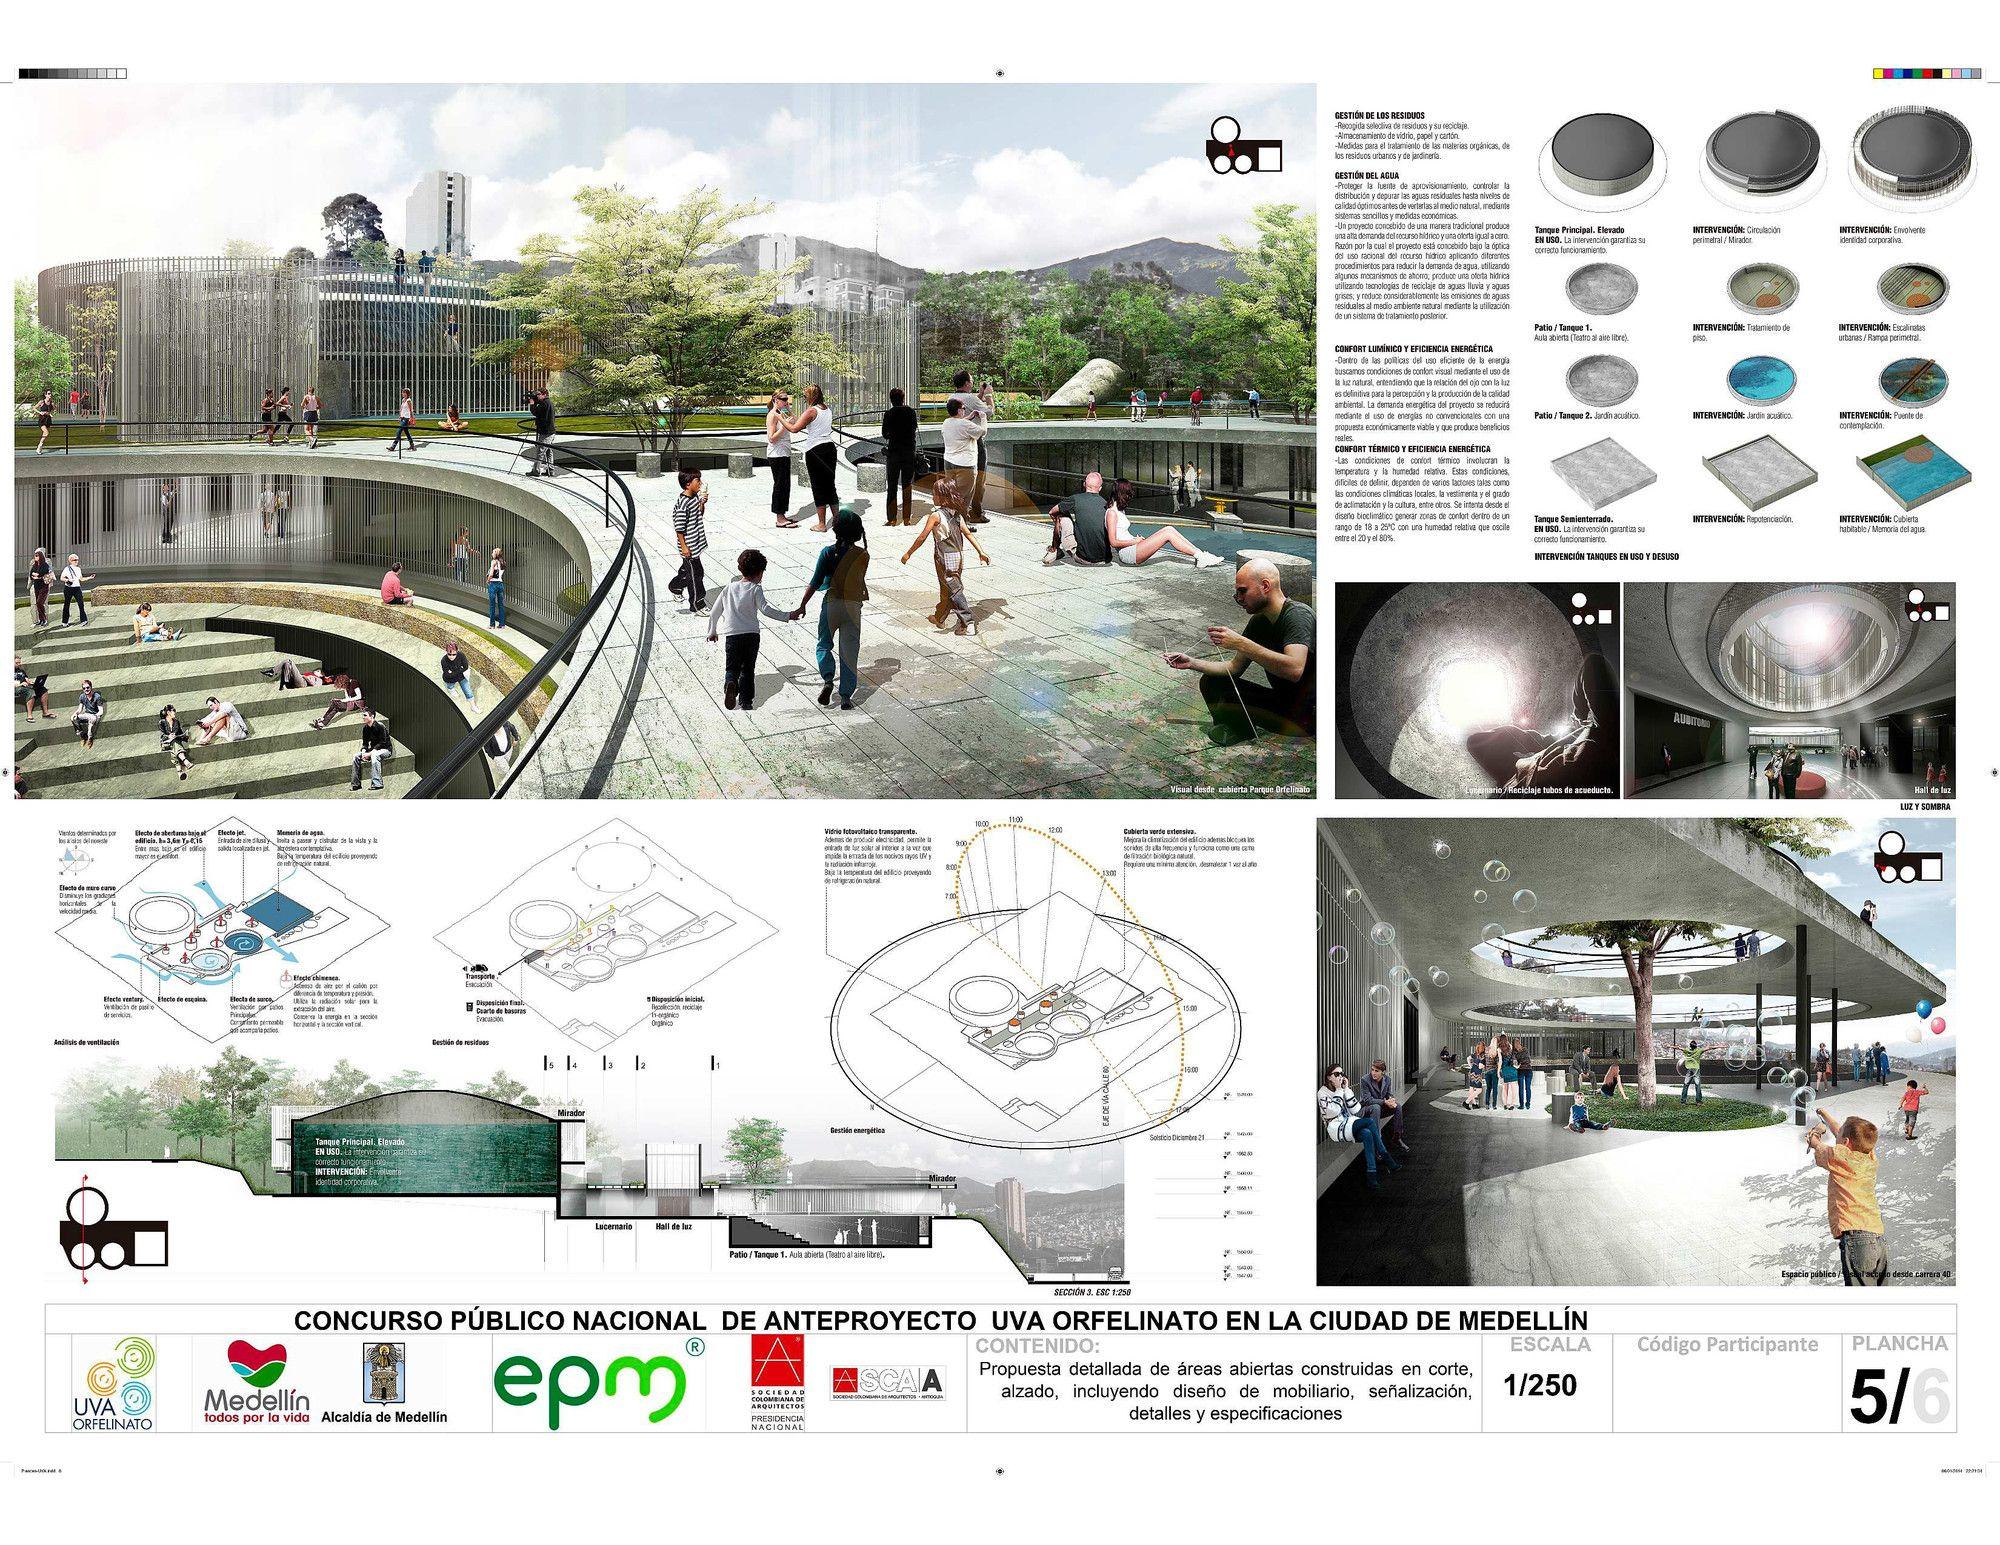 Galeria Primer Lugar Concurso Nacional Uva Orfelinato En La Ciudad De Medellin 15 Dibujo De Arquitectura Ciudad De Medellin Presentacion Arquitectonica